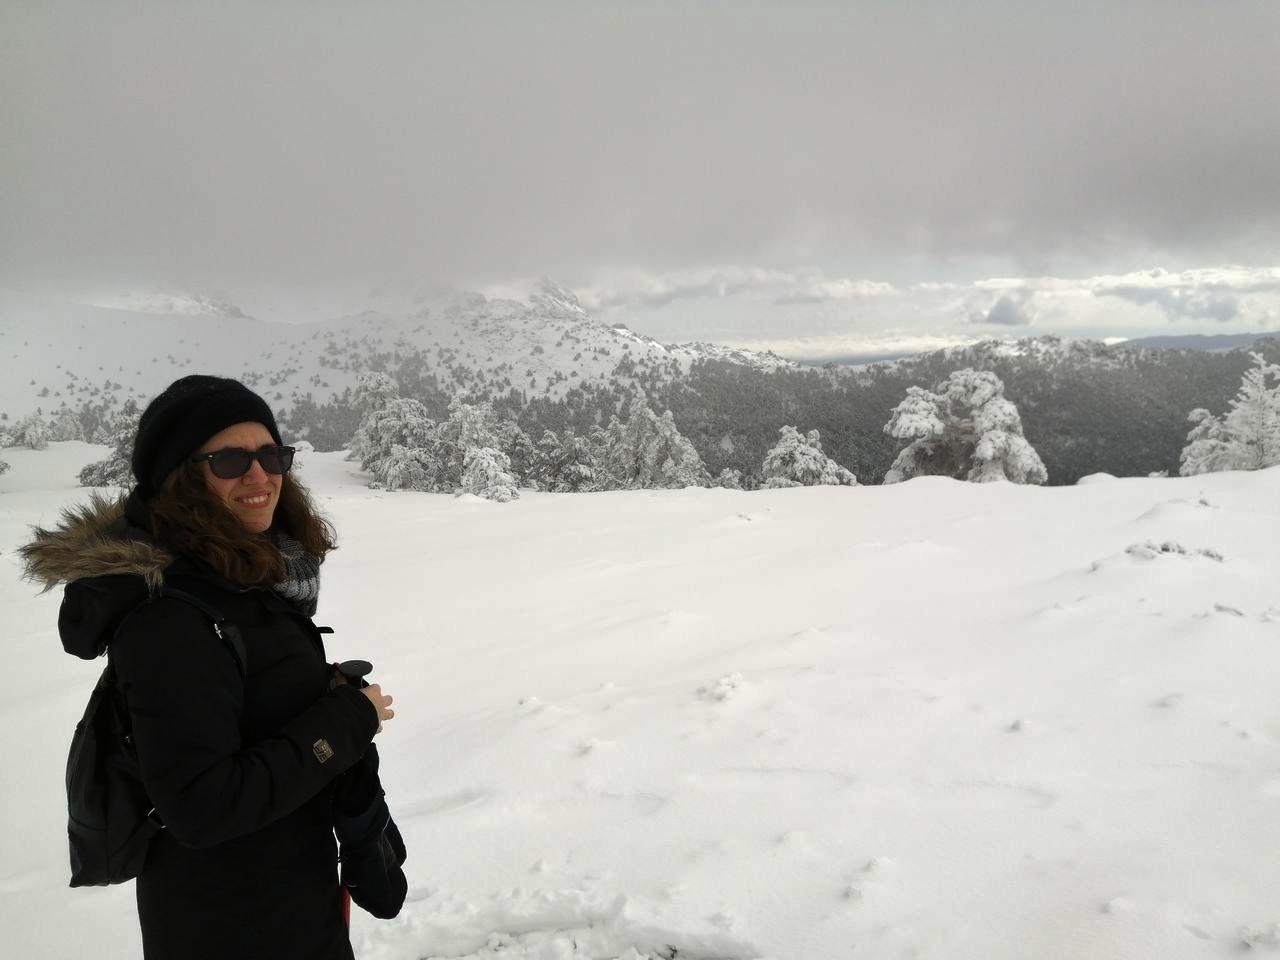 Excursión con raquetas de nieve en Madrid: puro disfrute en plena naturaleza.